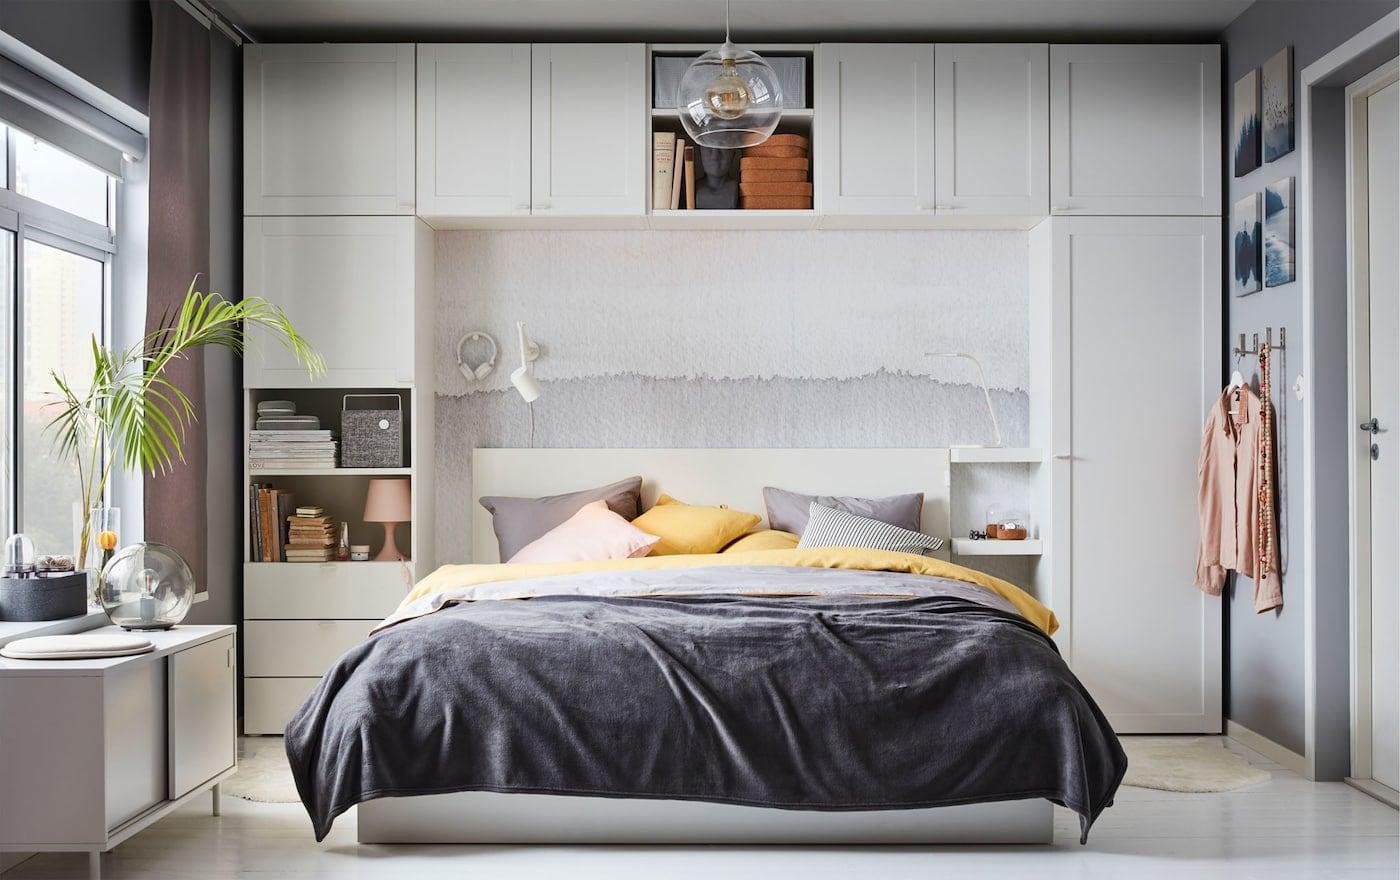 Fußboden Schlafzimmer Hamburg ~ Schlafzimmer inspirationen für dein zuhause ikea